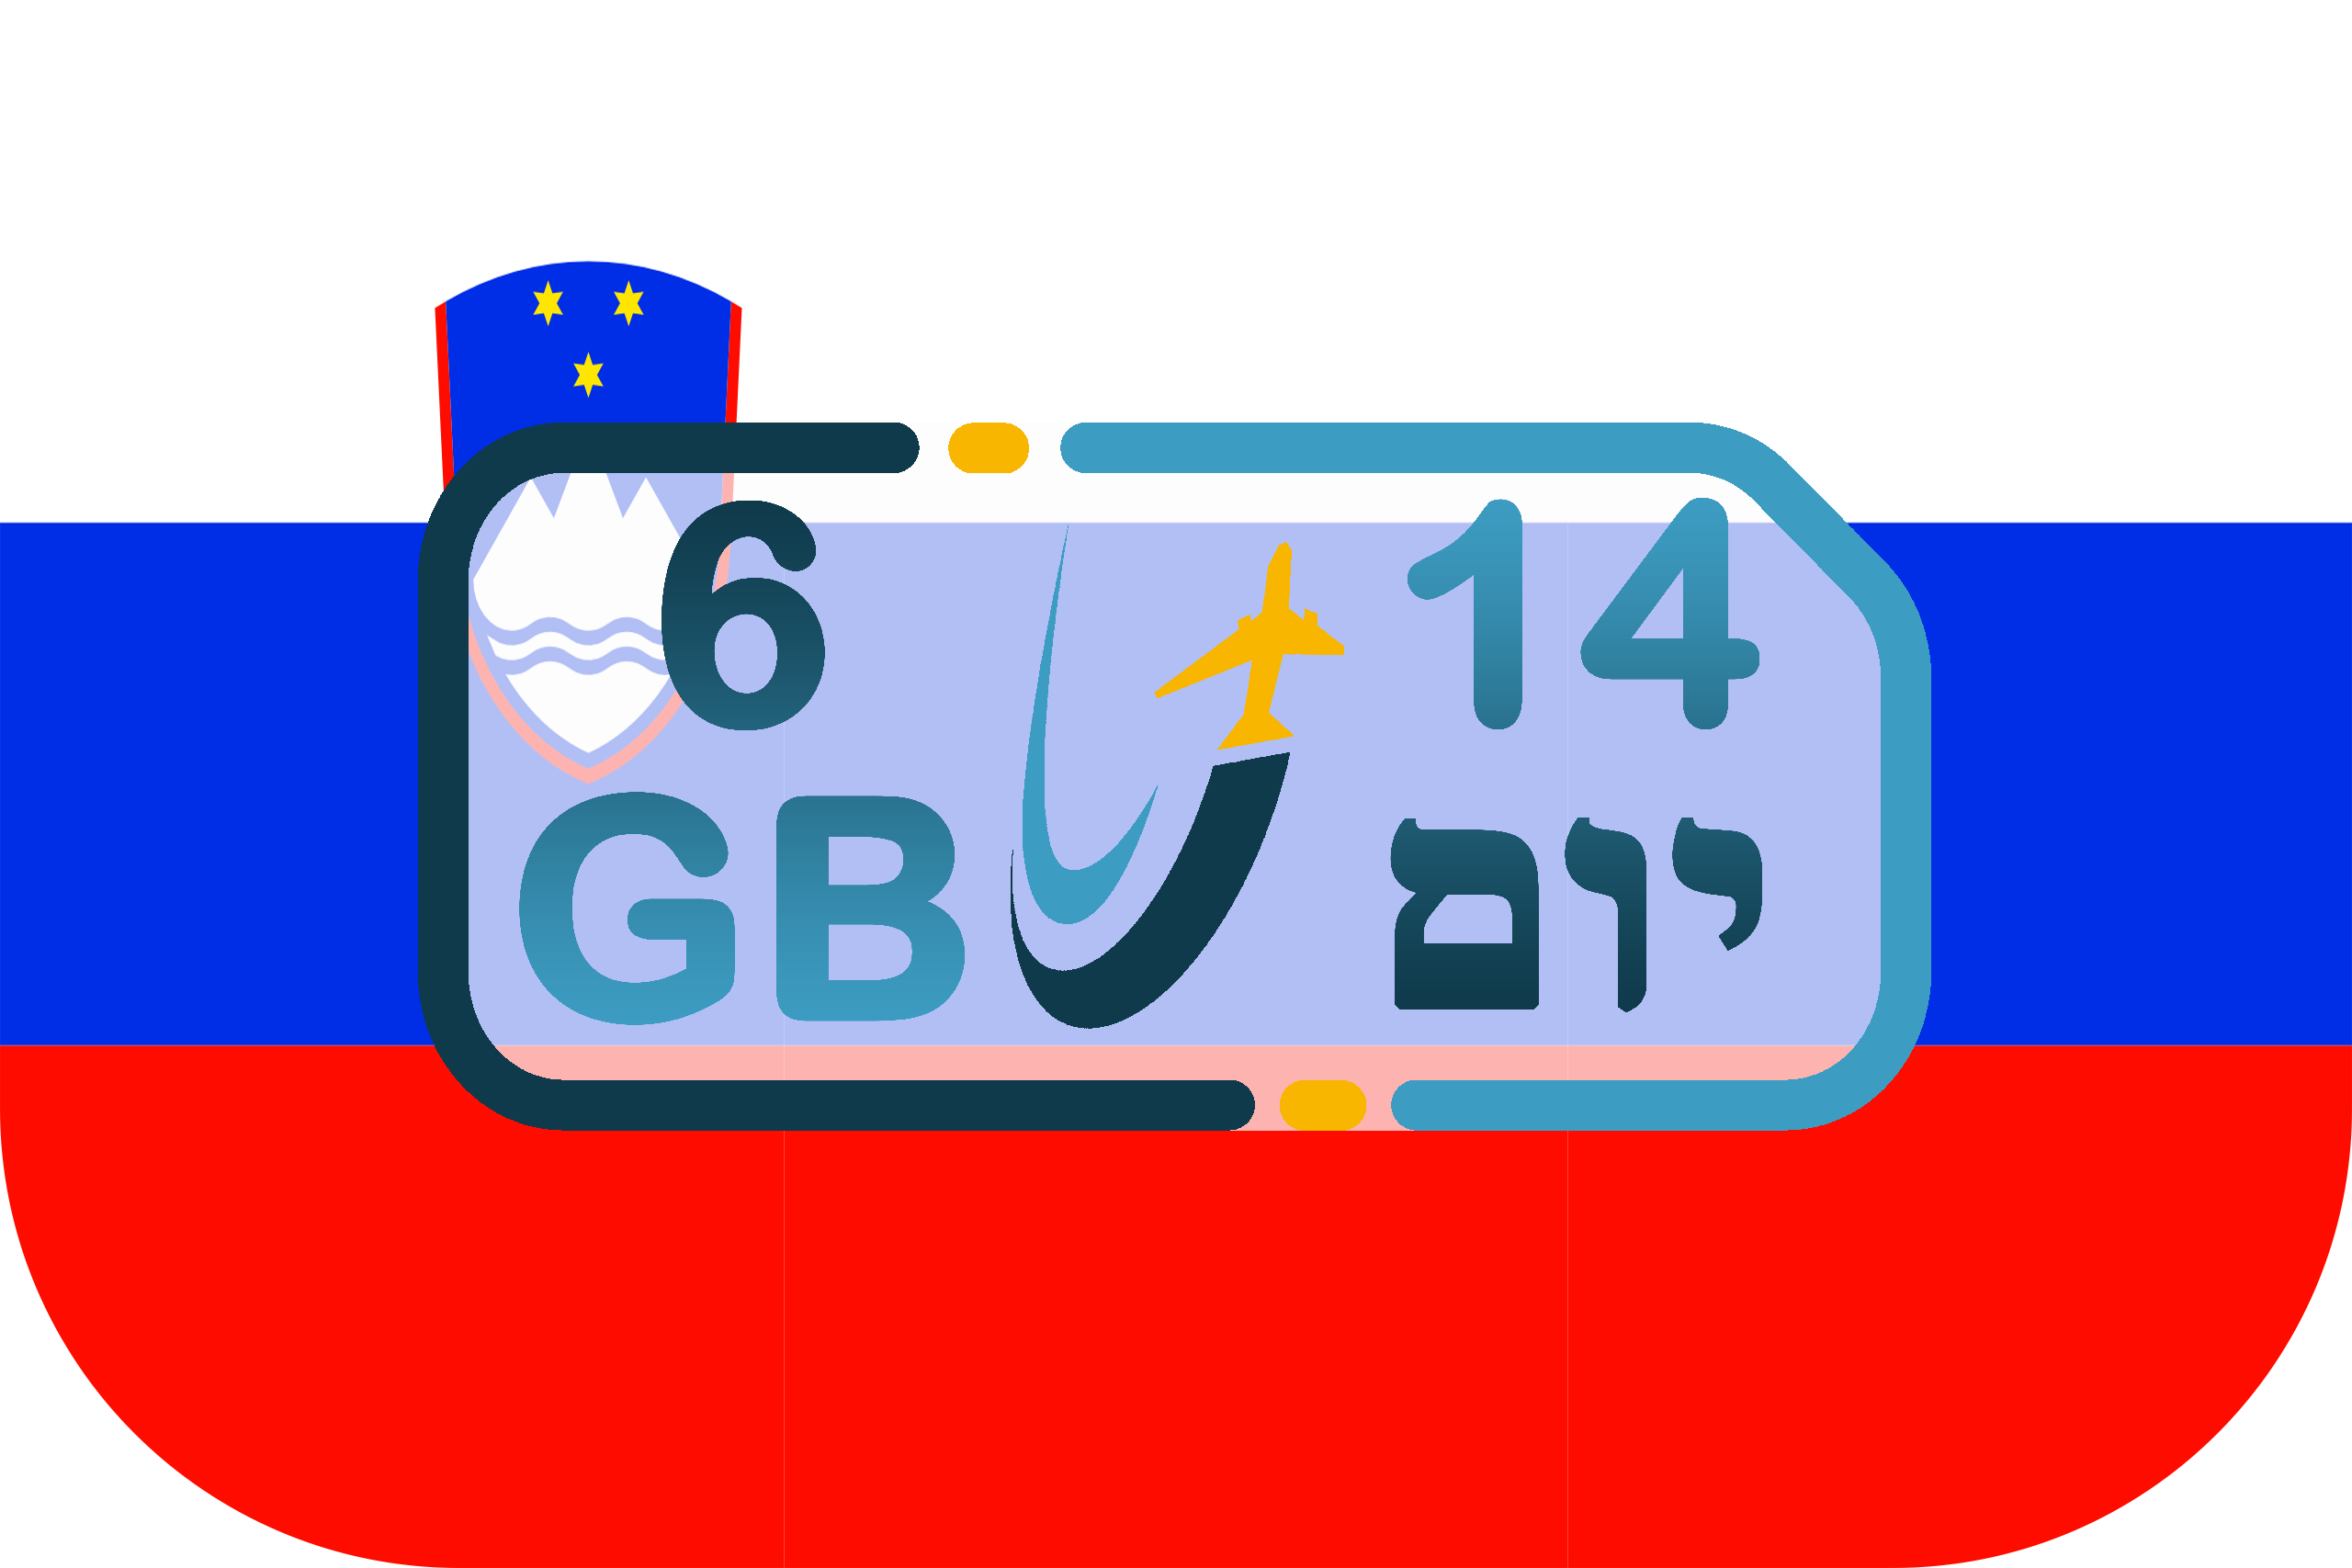 כרטיס סים בסלובניה – גלישה 6GB (בתוקף ל- 14 יום)